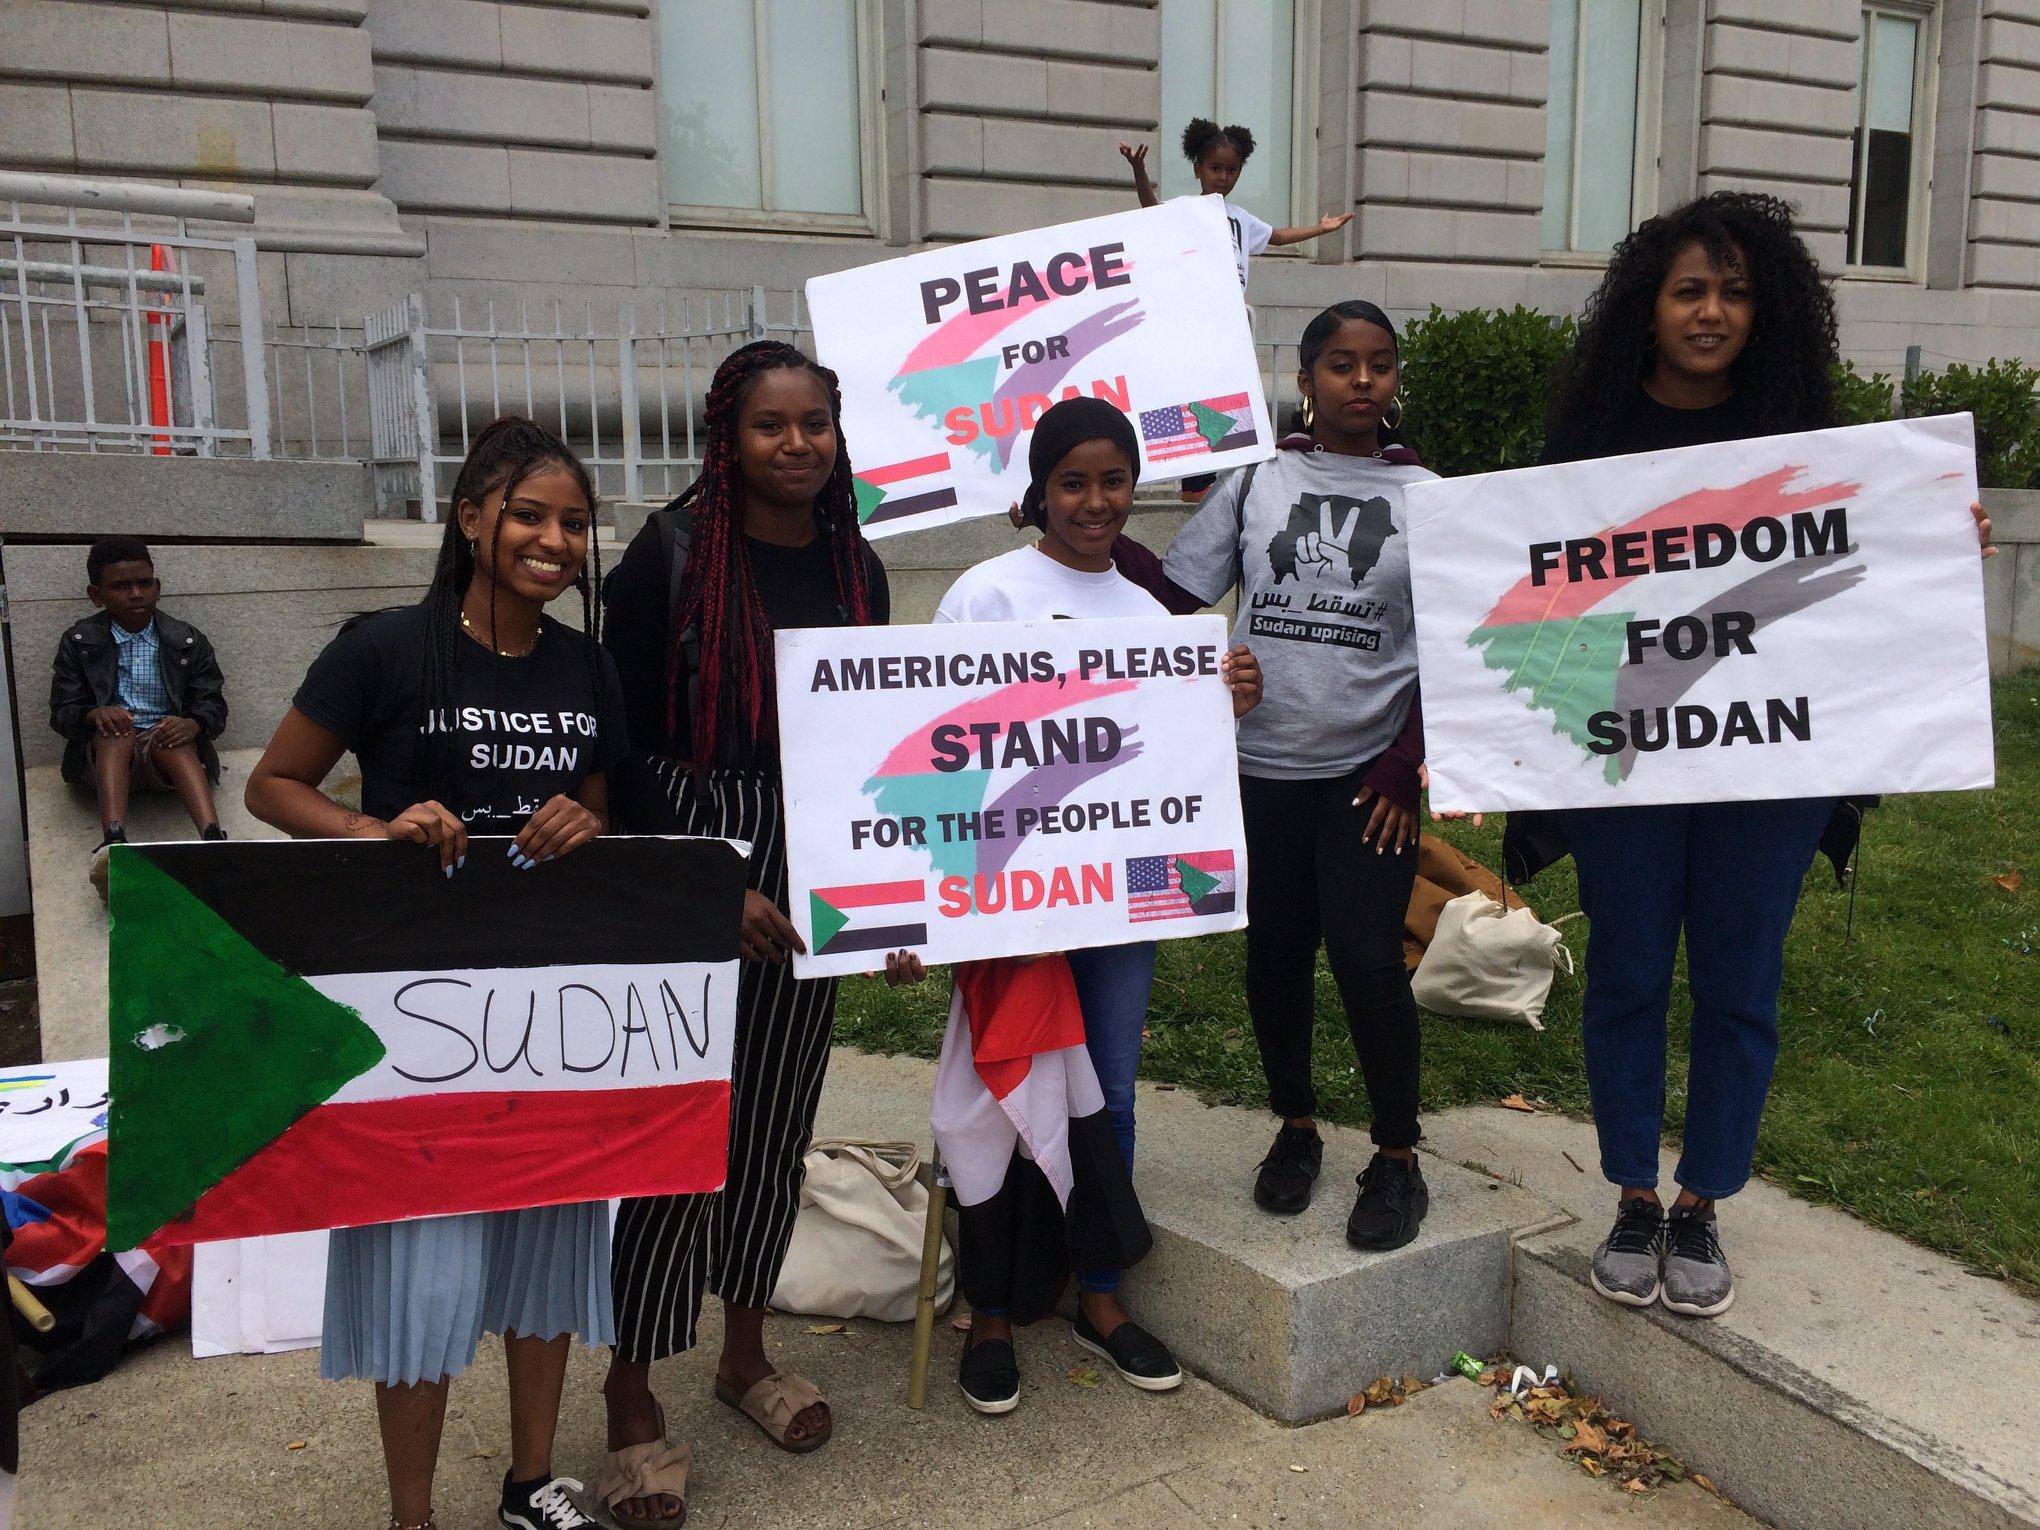 FreedomForSudan.jpg